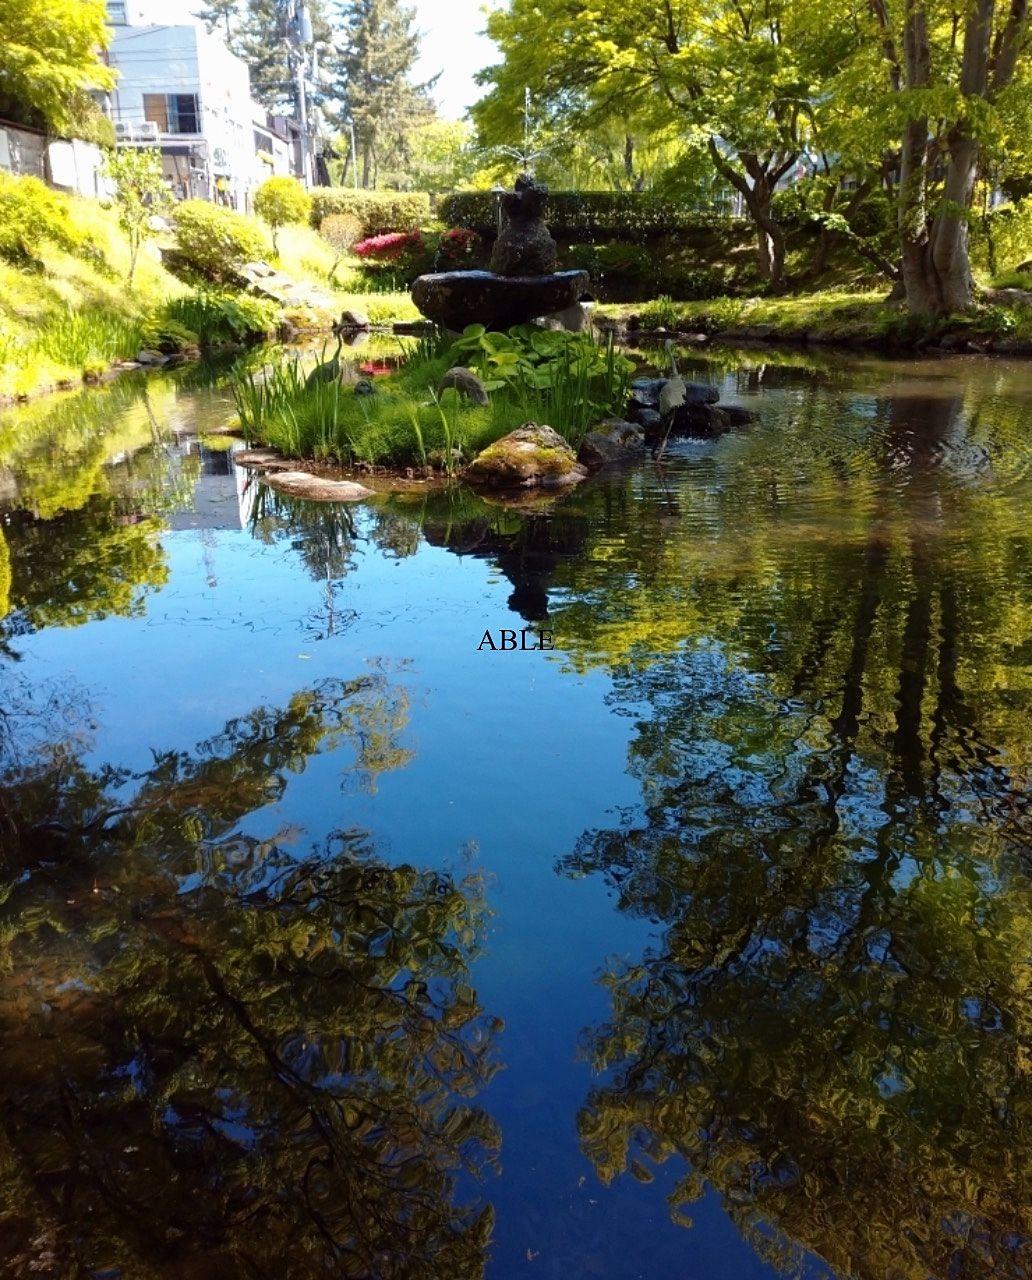 鶴ヶ池の水面に映る風景…5月